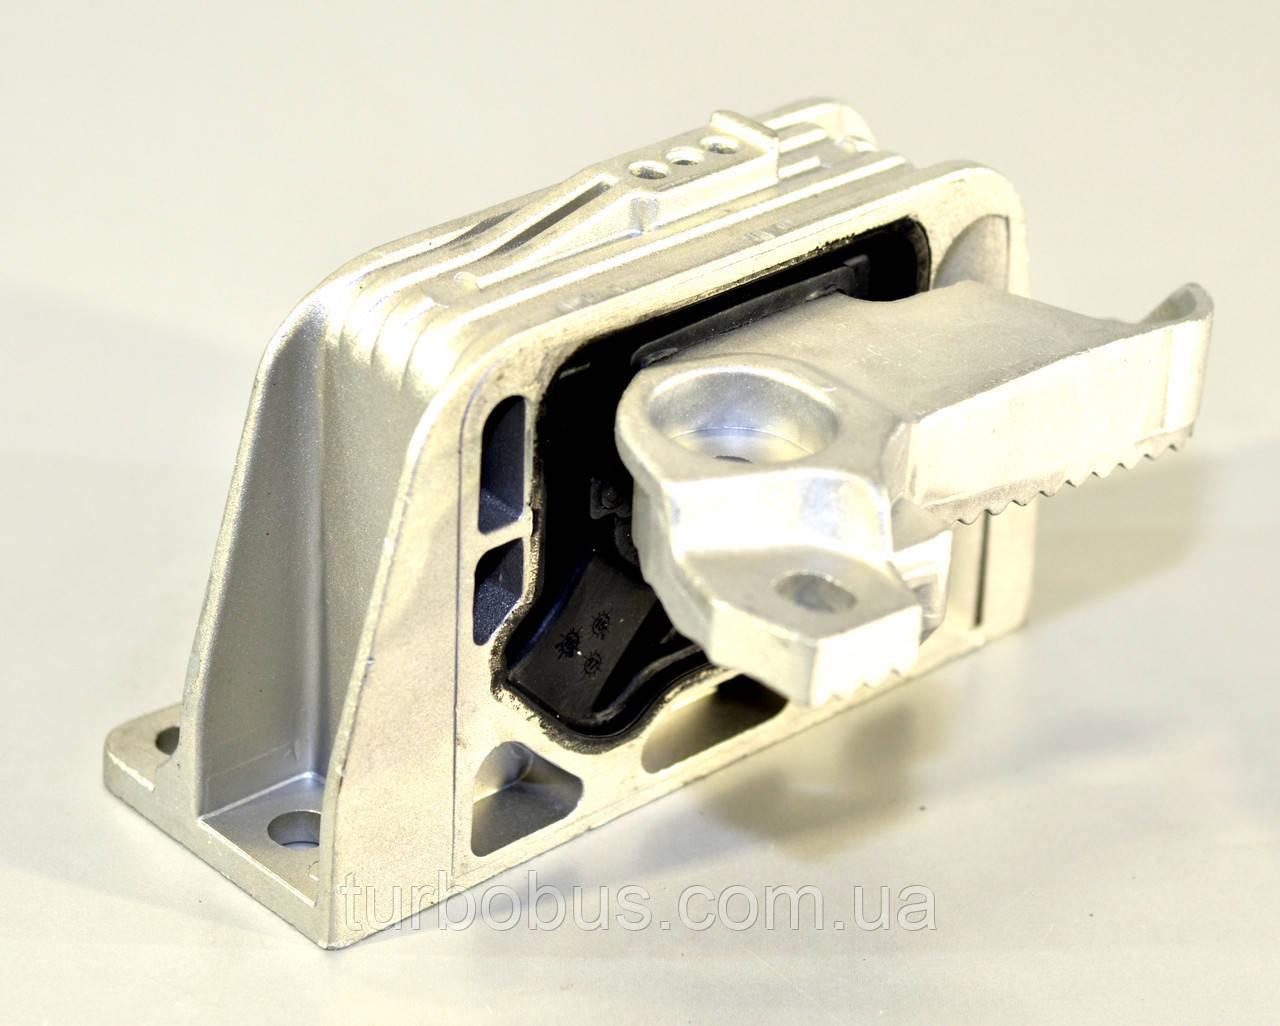 Подушка двигателя (R, правая) на Reanult Master III 2010-> 2.3dCi — Prottego (Польша)